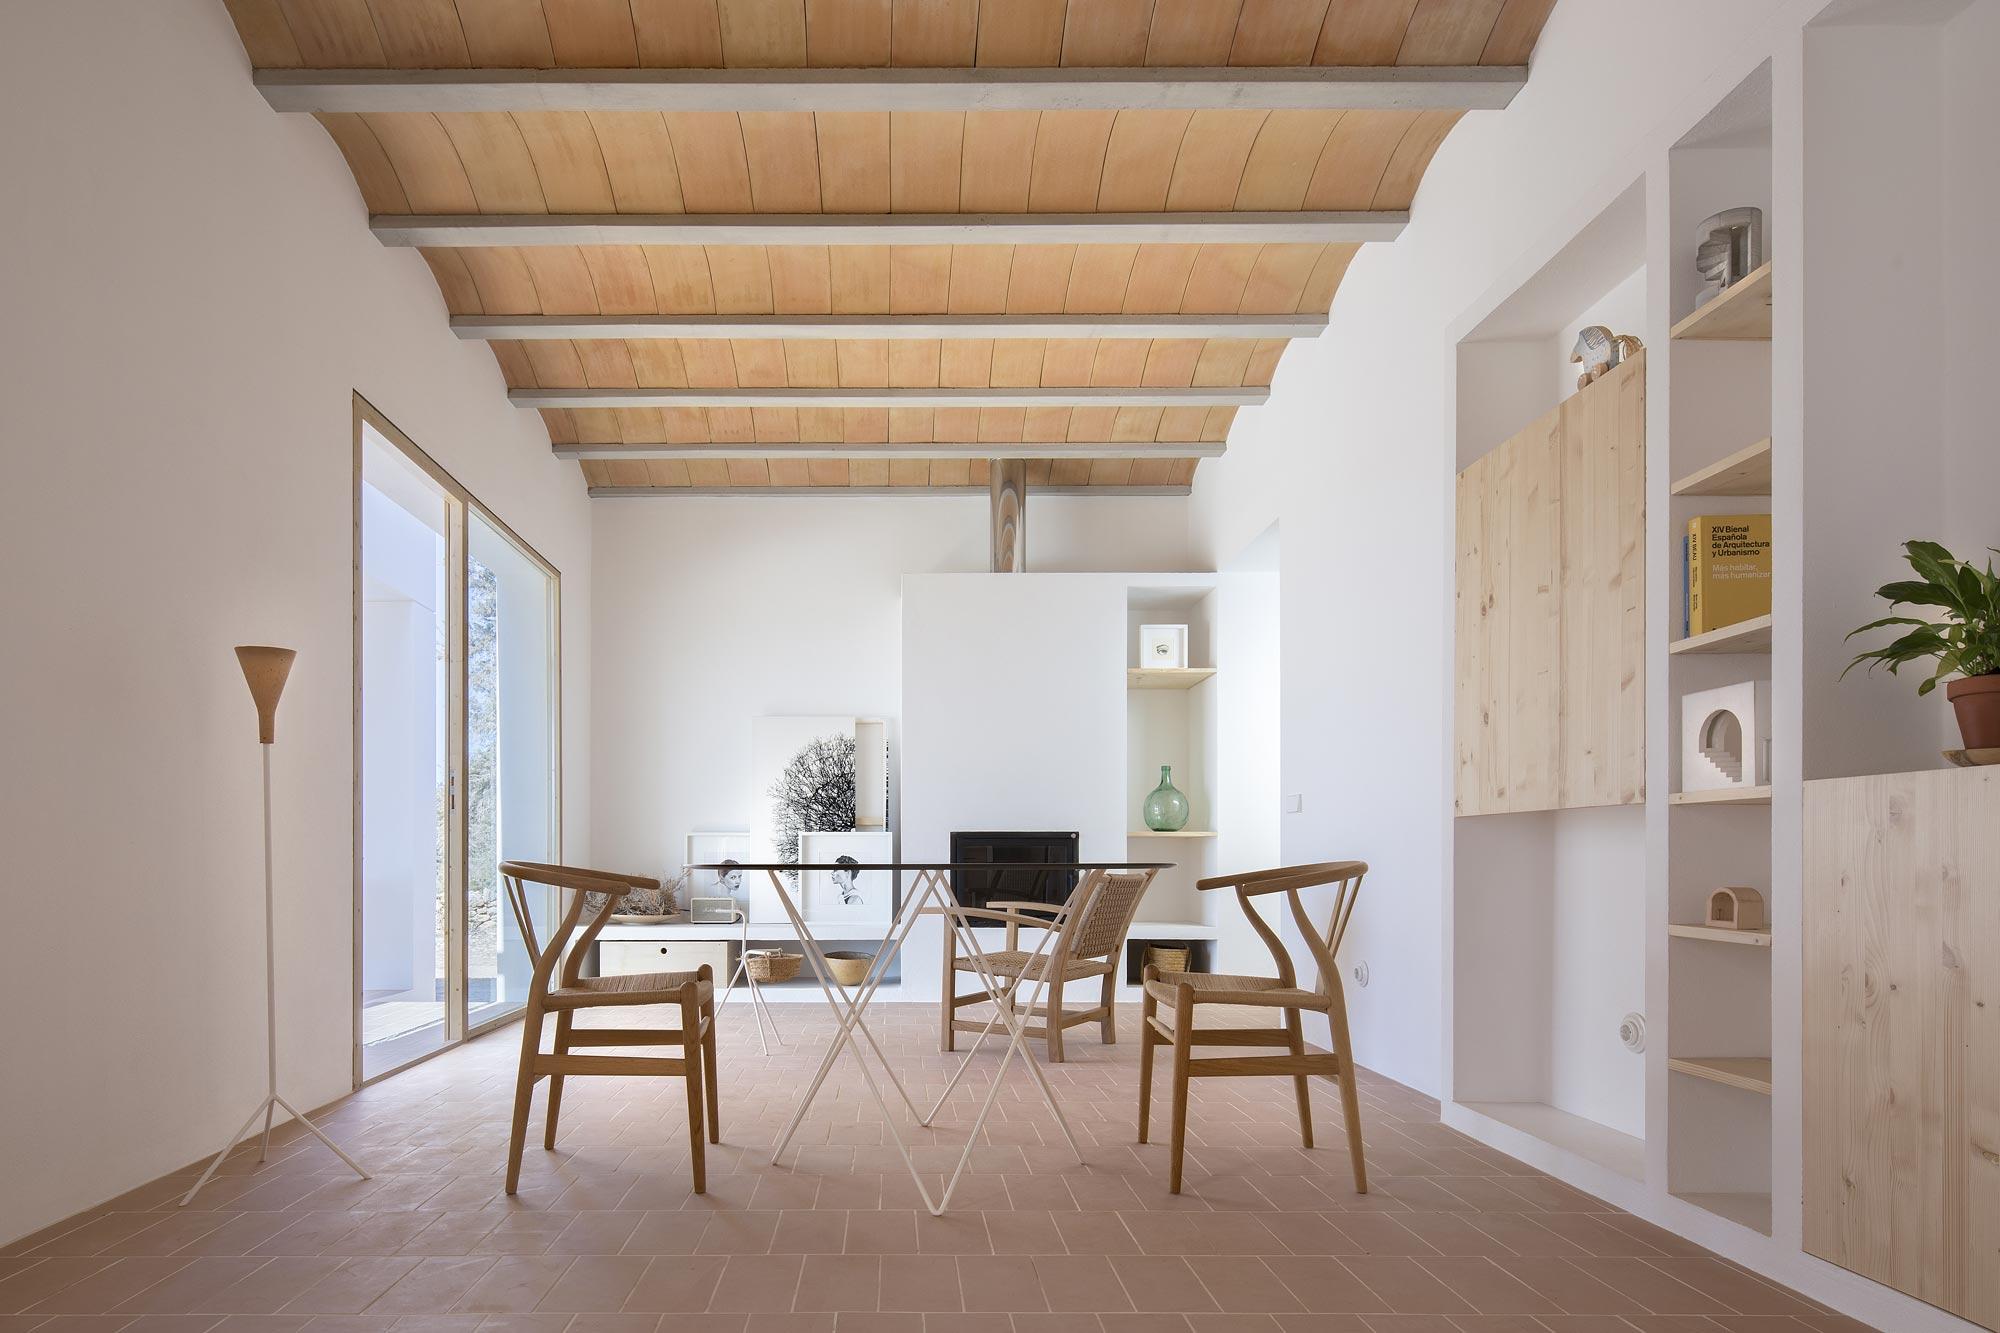 Wohnhaus auf Formentera von Marià Castelló